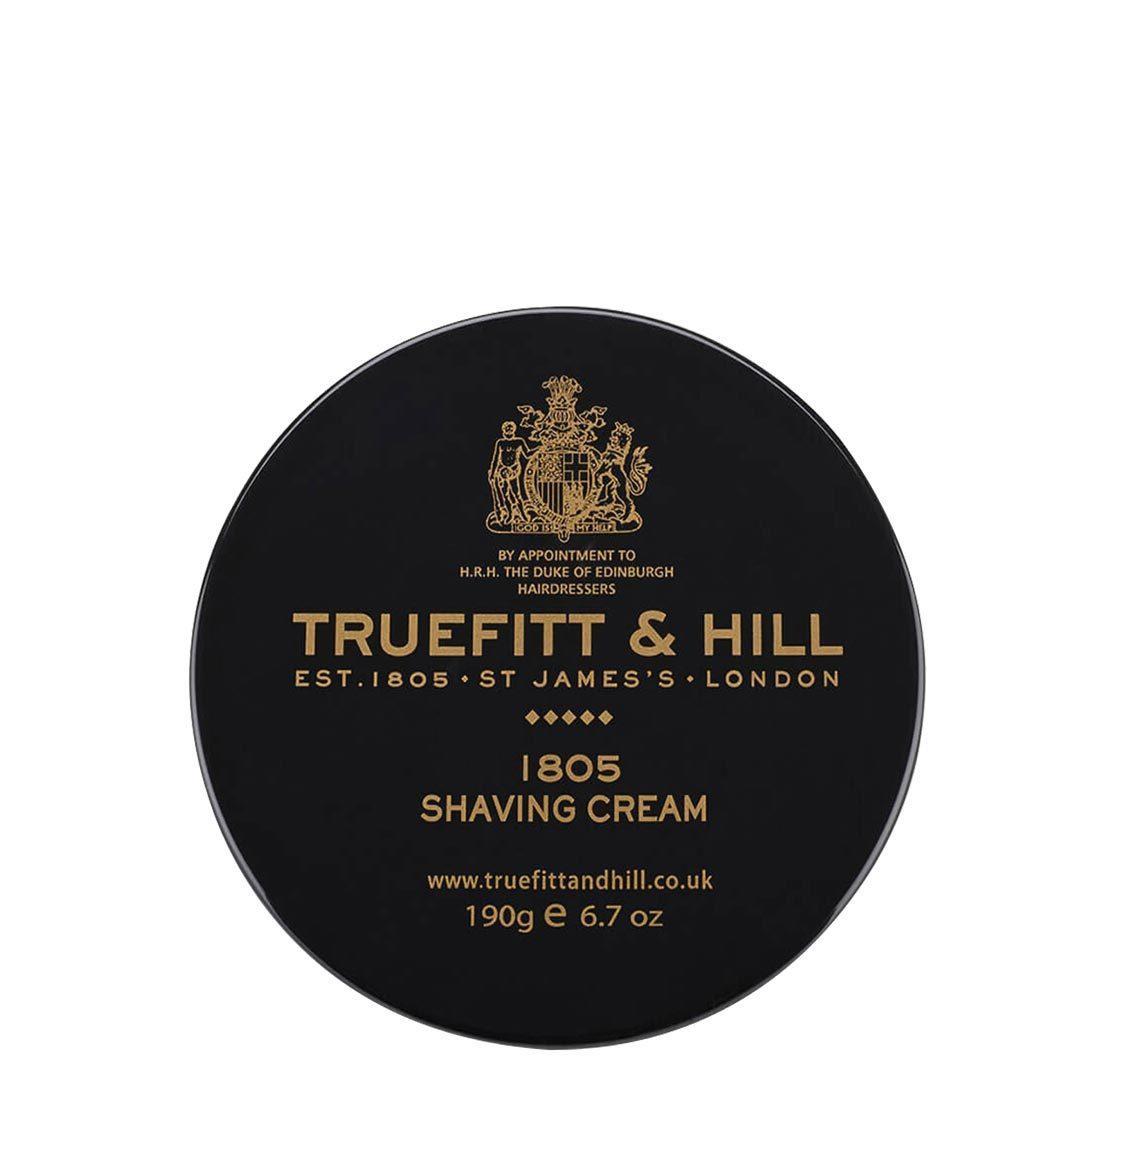 Truefitt And Hill 1805 Shaving Cream 190g